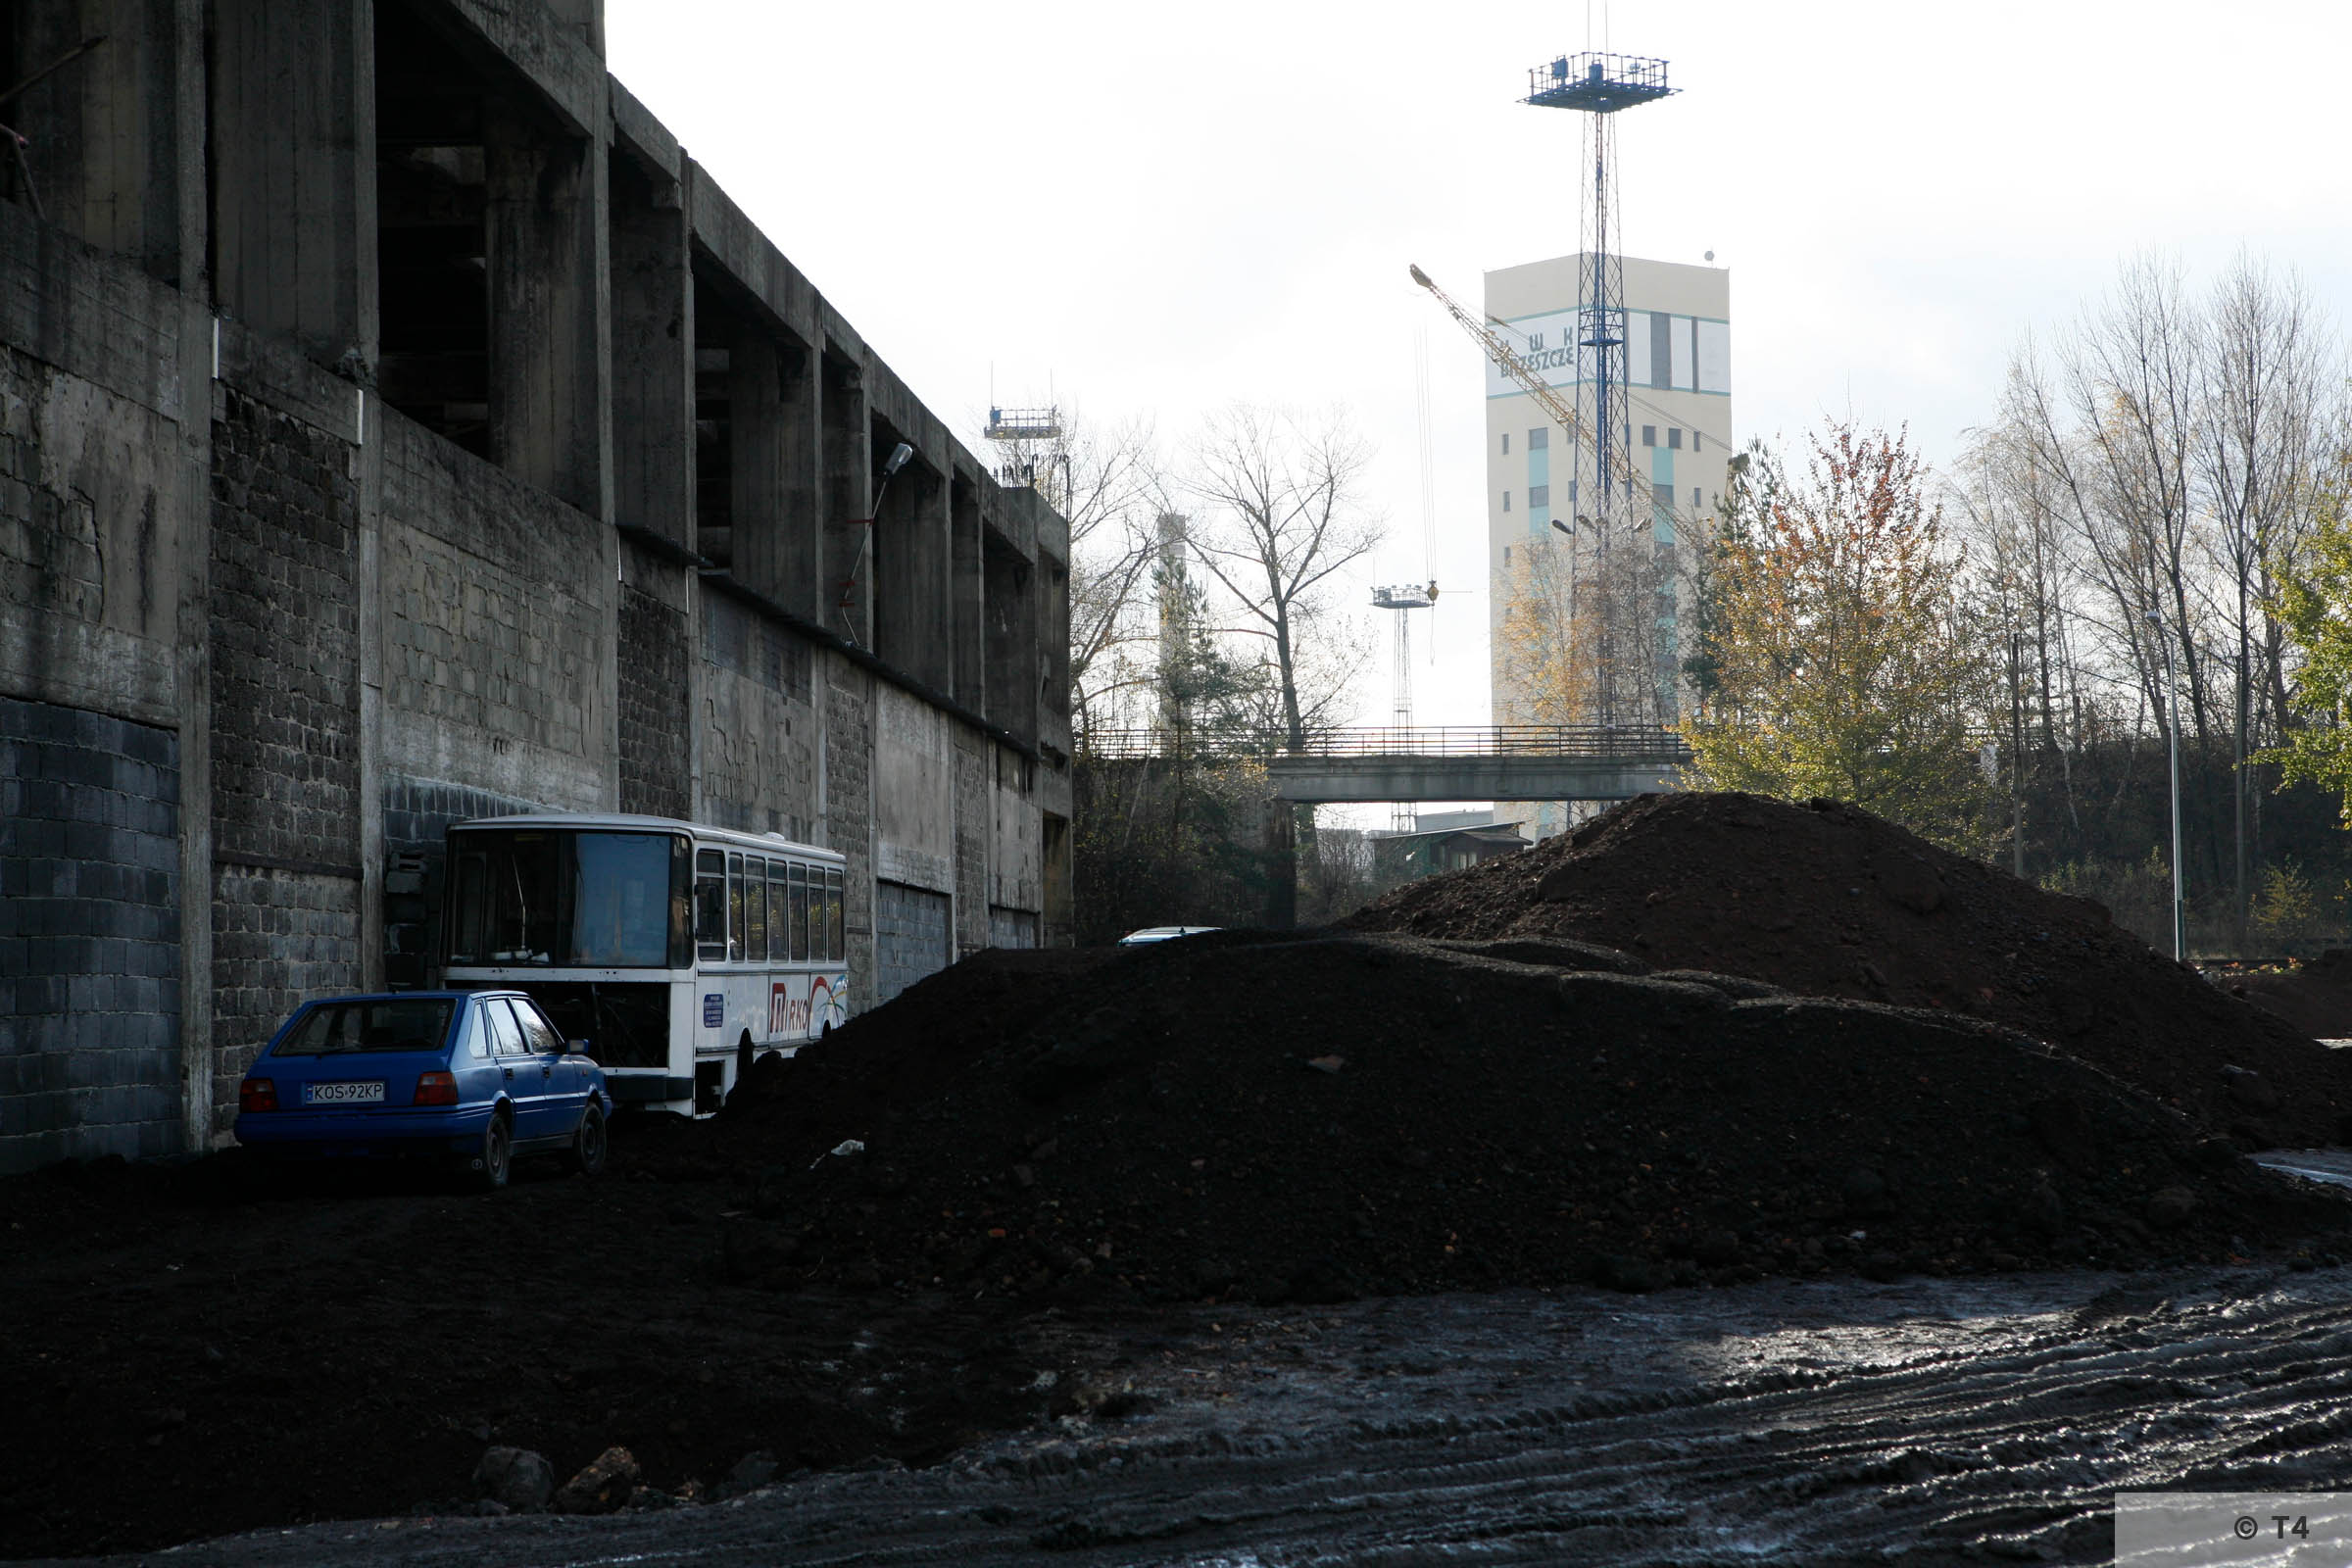 Incomplete power plant in Brzeszcze. Background mine in Brzeszcze. 2006 T4 5008